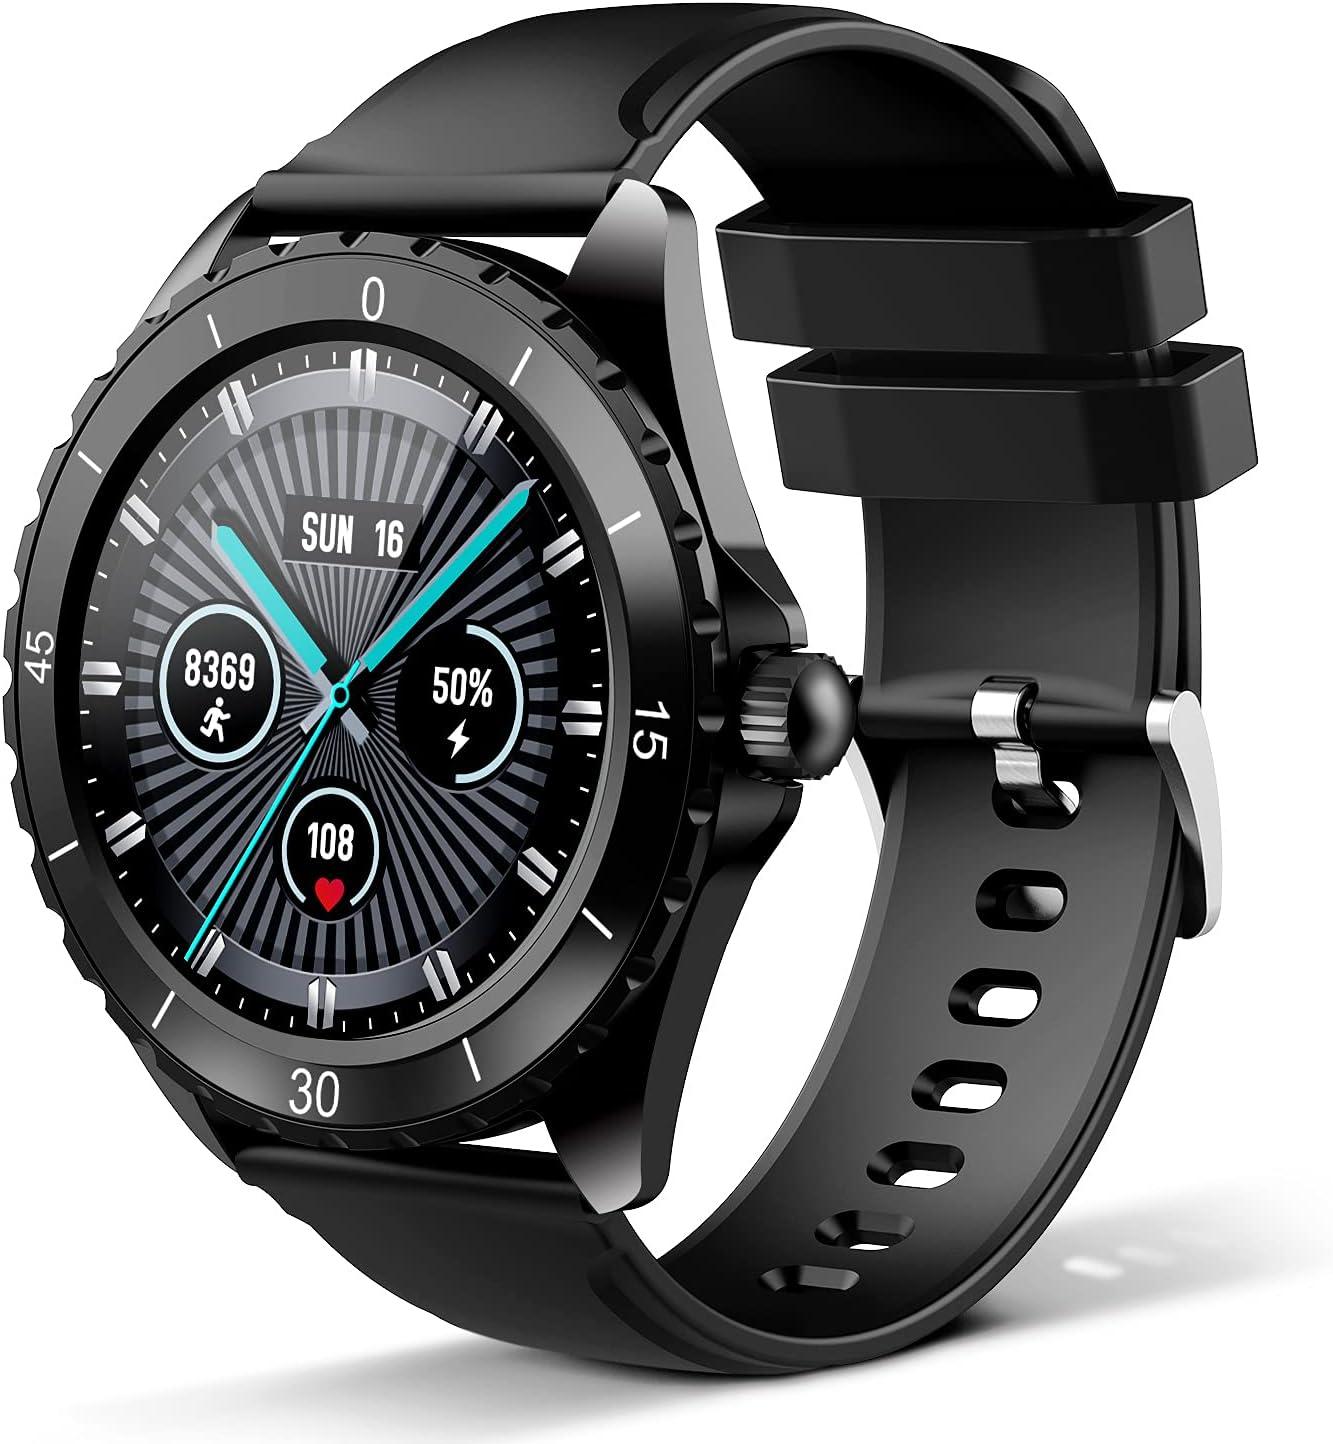 Smartwatch, rastreador de ejercicios para mujeres y hombres, pulsera de fitness, reloj deportivo con pantalla táctil de 1.3 pulgadas, monitor de frecuencia cardíaca, rastreador de iOS Android C520